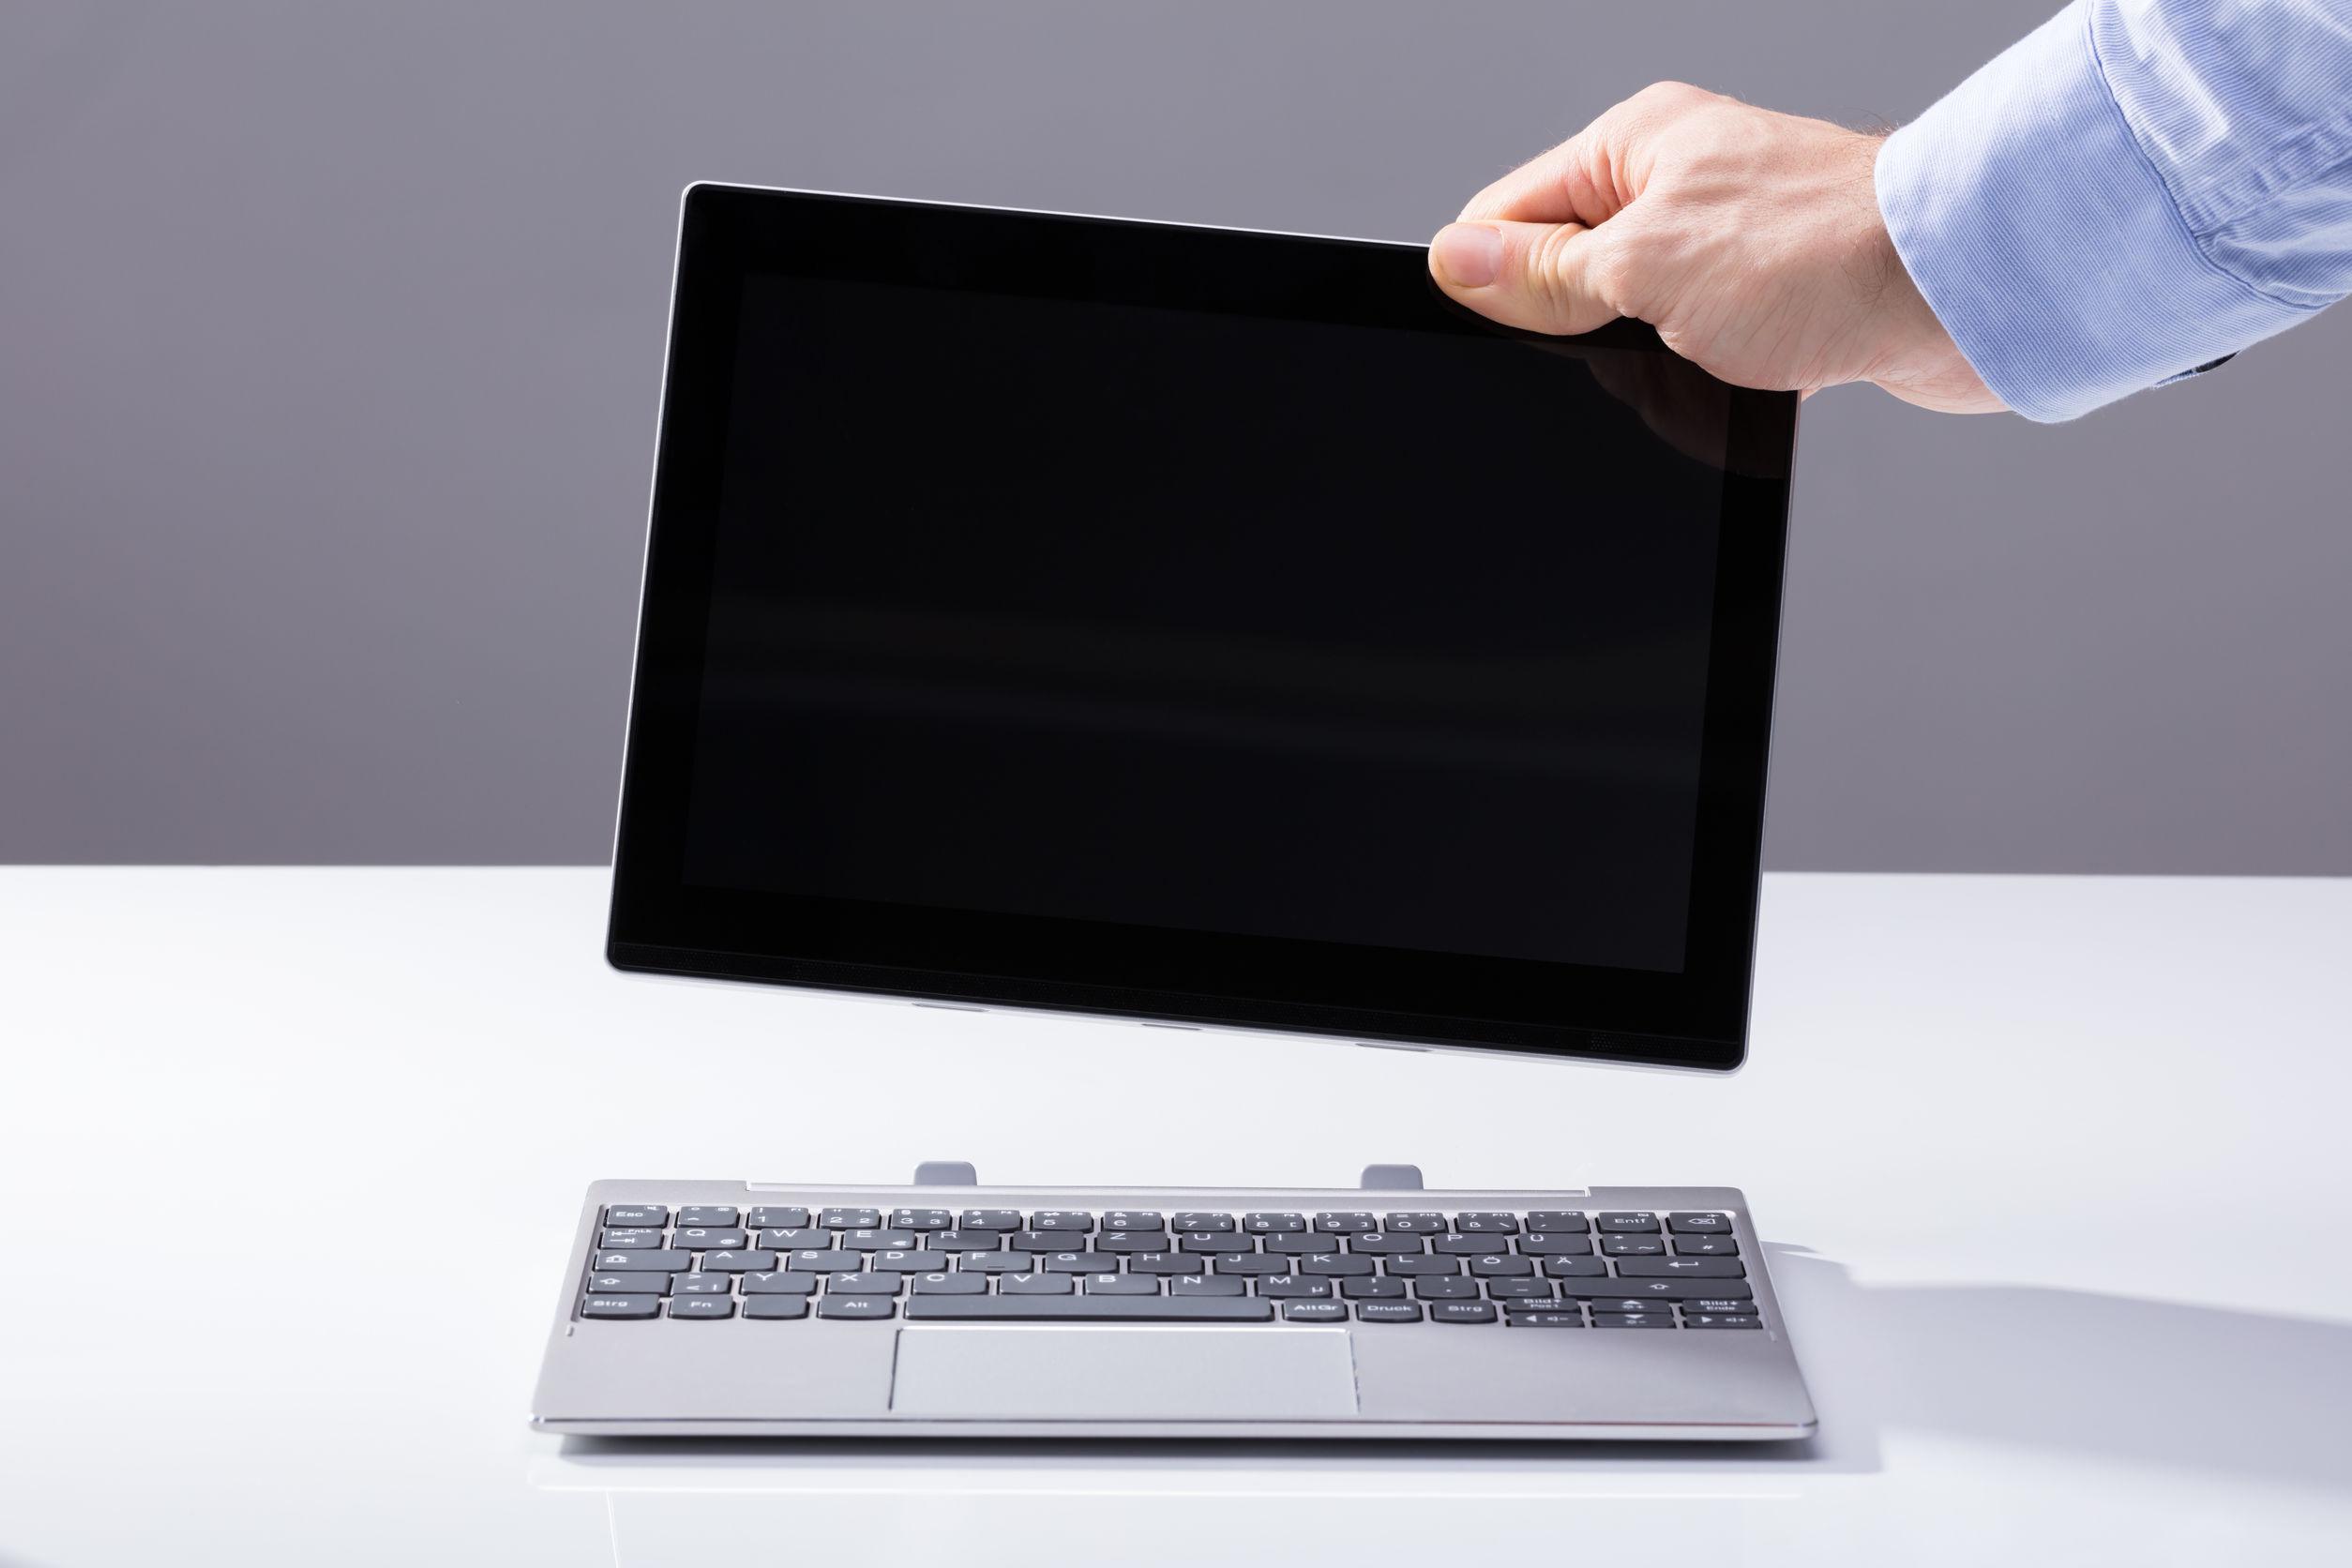 Tablet PC: Test & Empfehlungen (04/21)